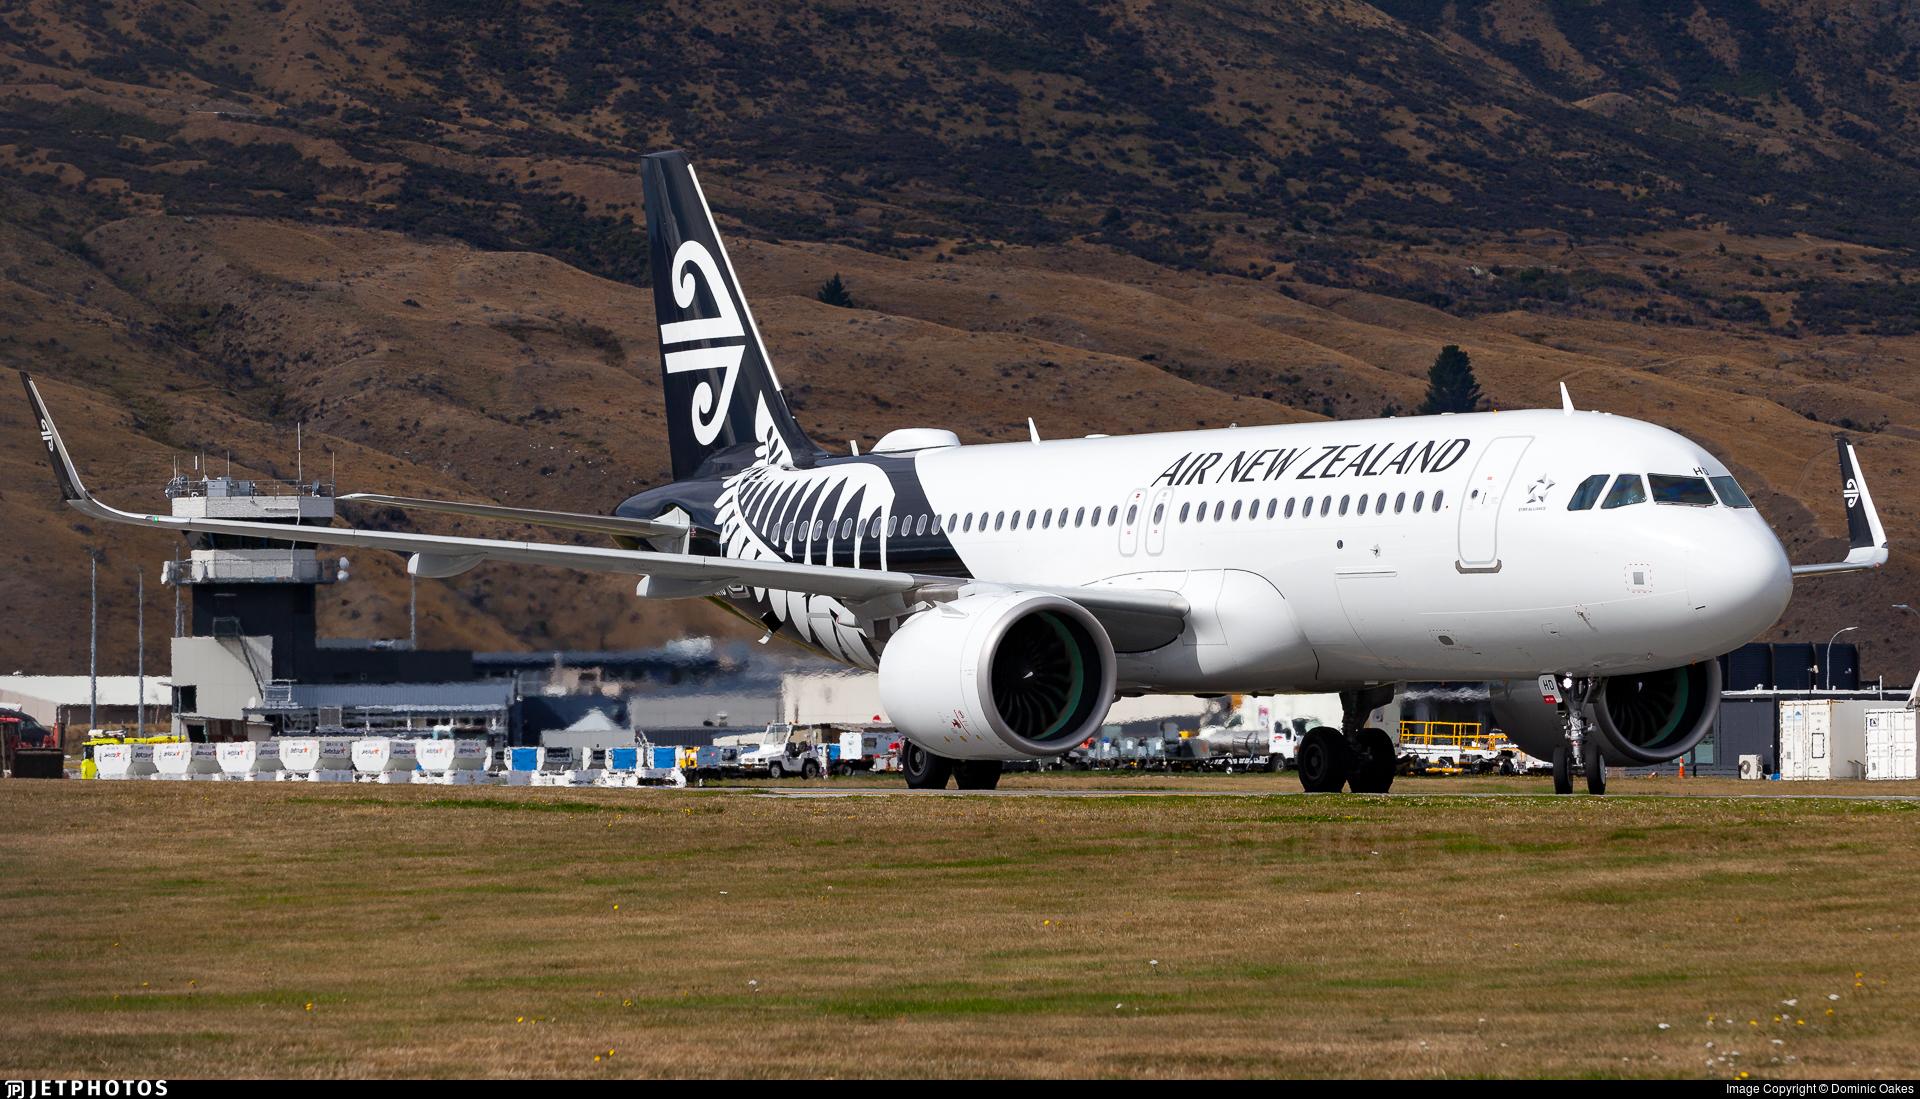 ZK-NHD - Airbus A320-271N - Air New Zealand